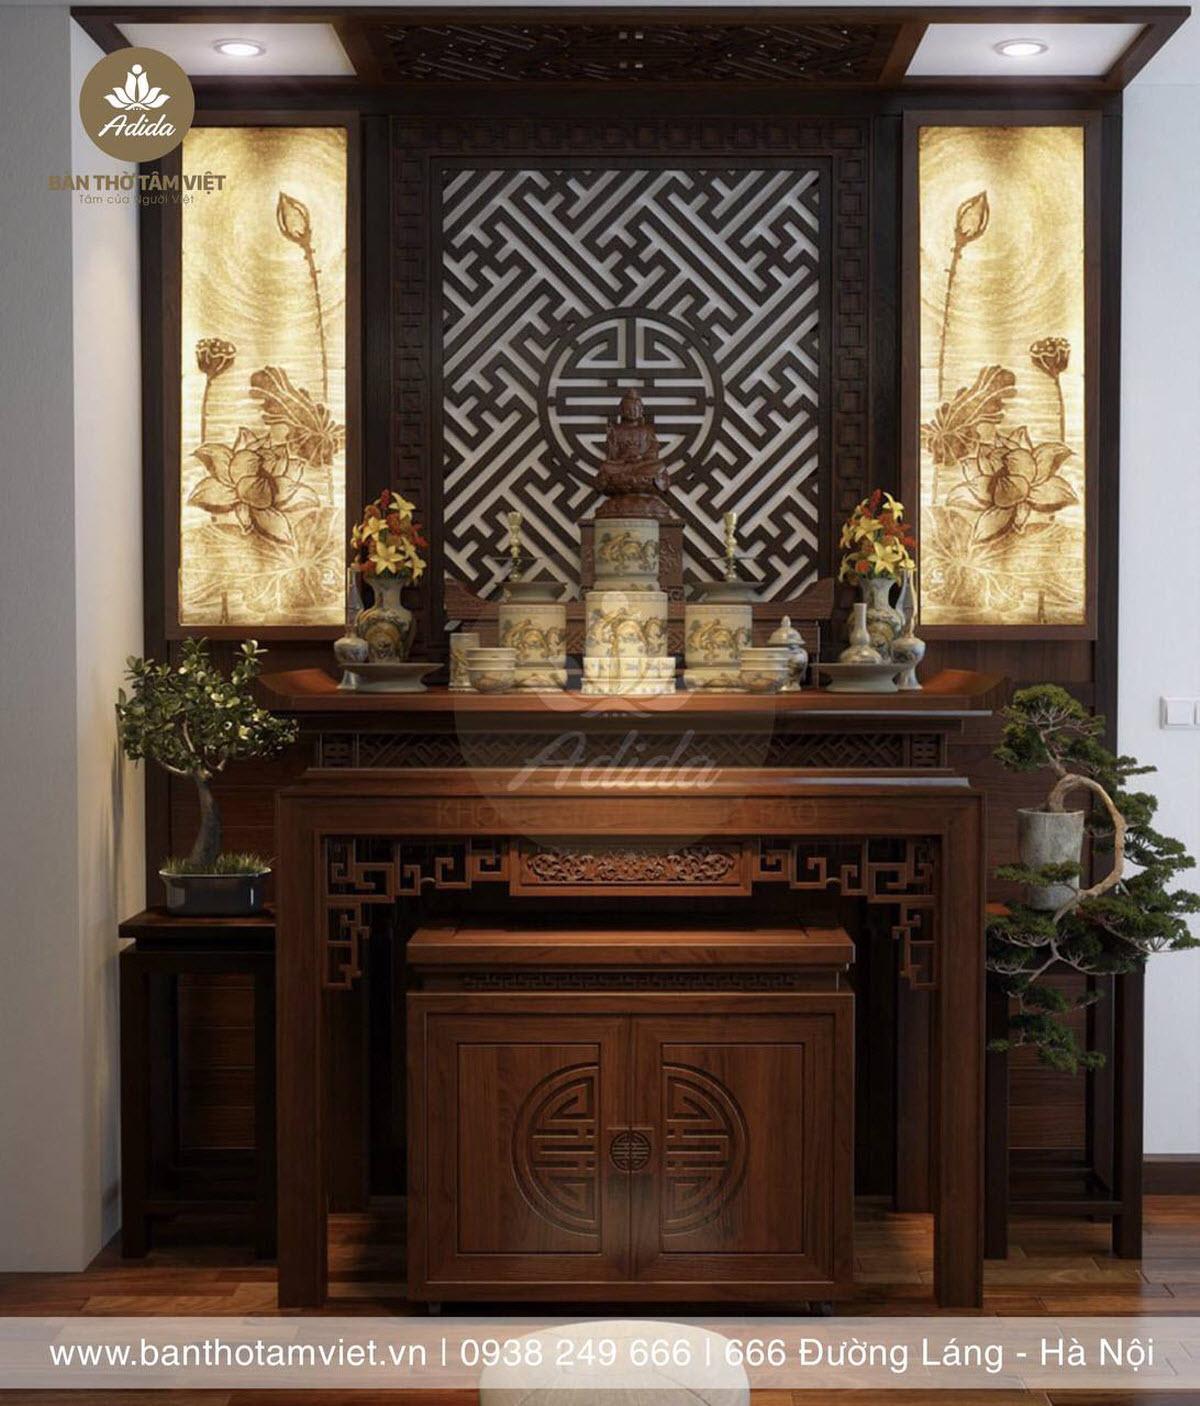 mẫu bàn thờ đứng đẹp hiện đại giá rẻ